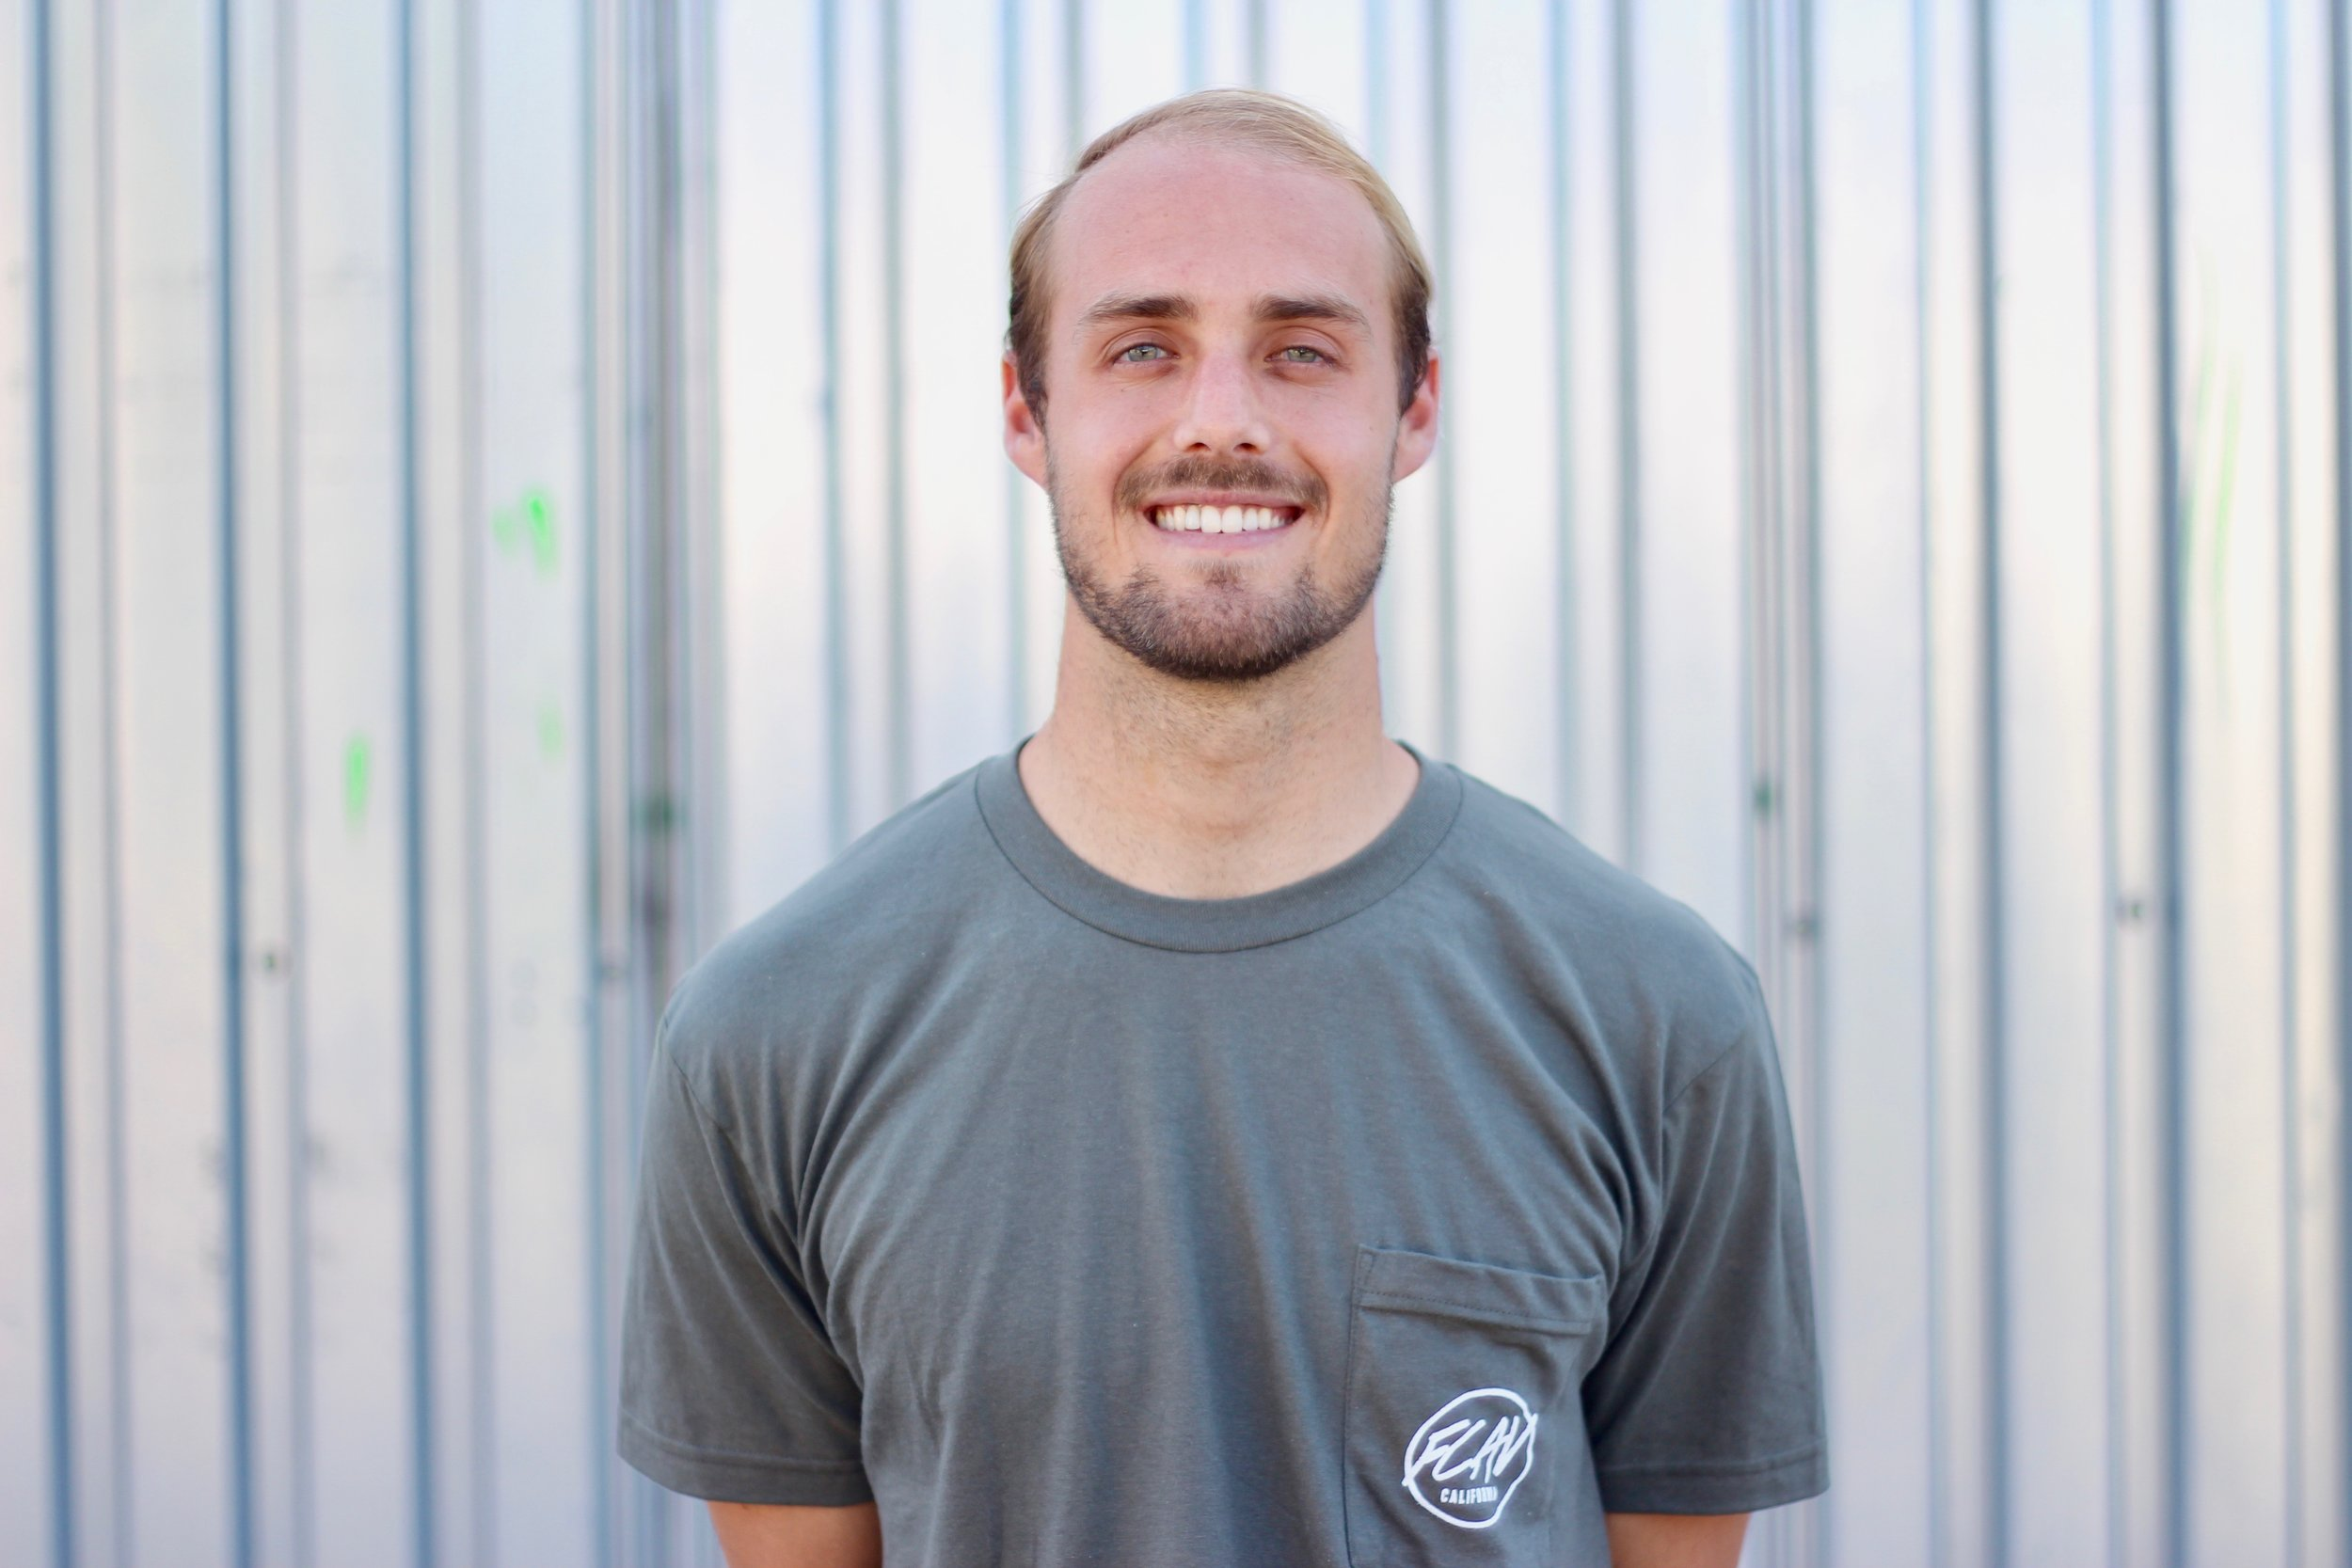 Nick Bauer